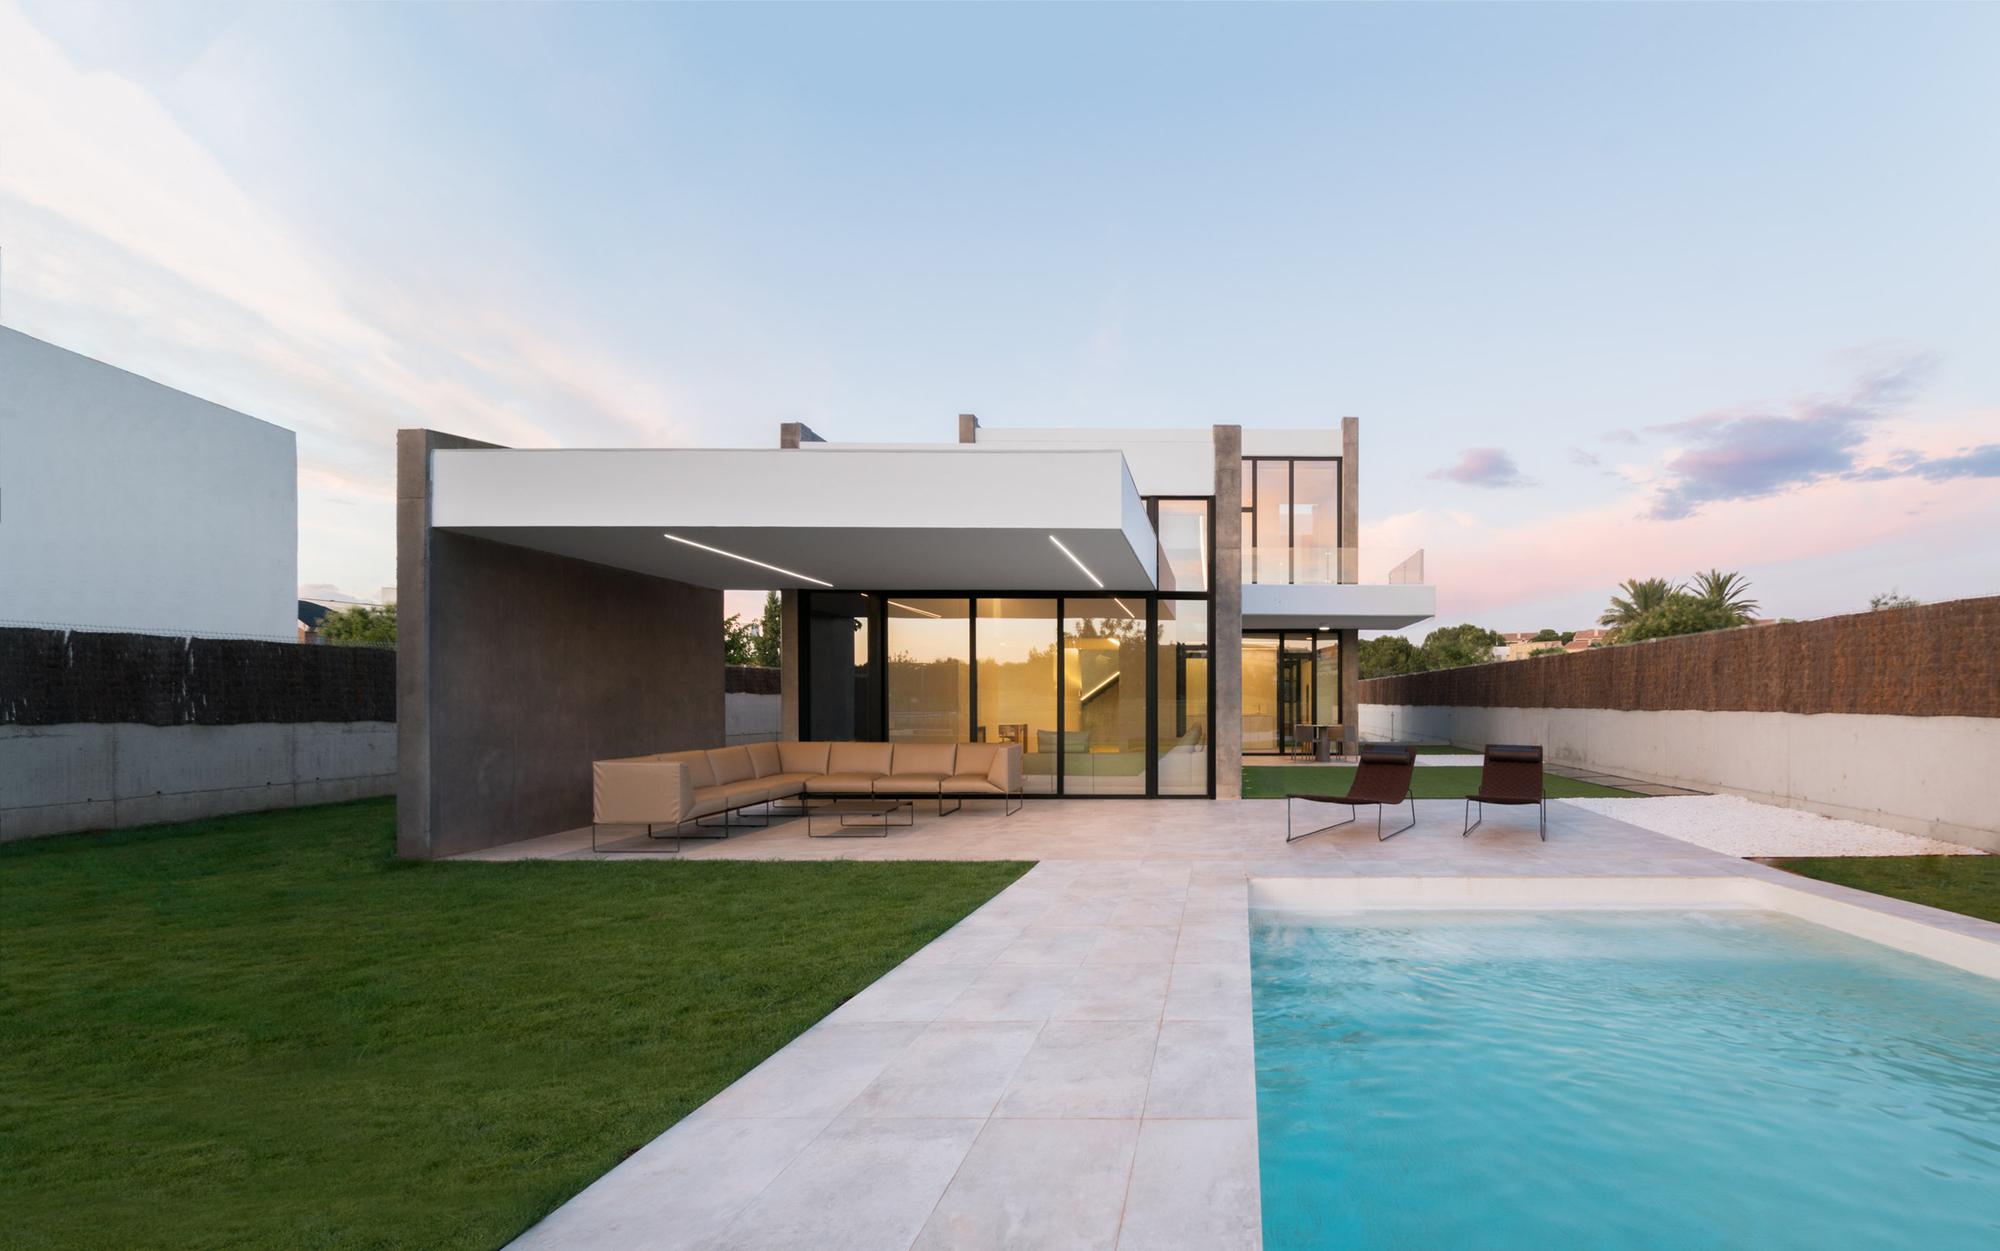 Gallery of tangent house ruben muedra estudio de - Estudios de arquitectura coruna ...